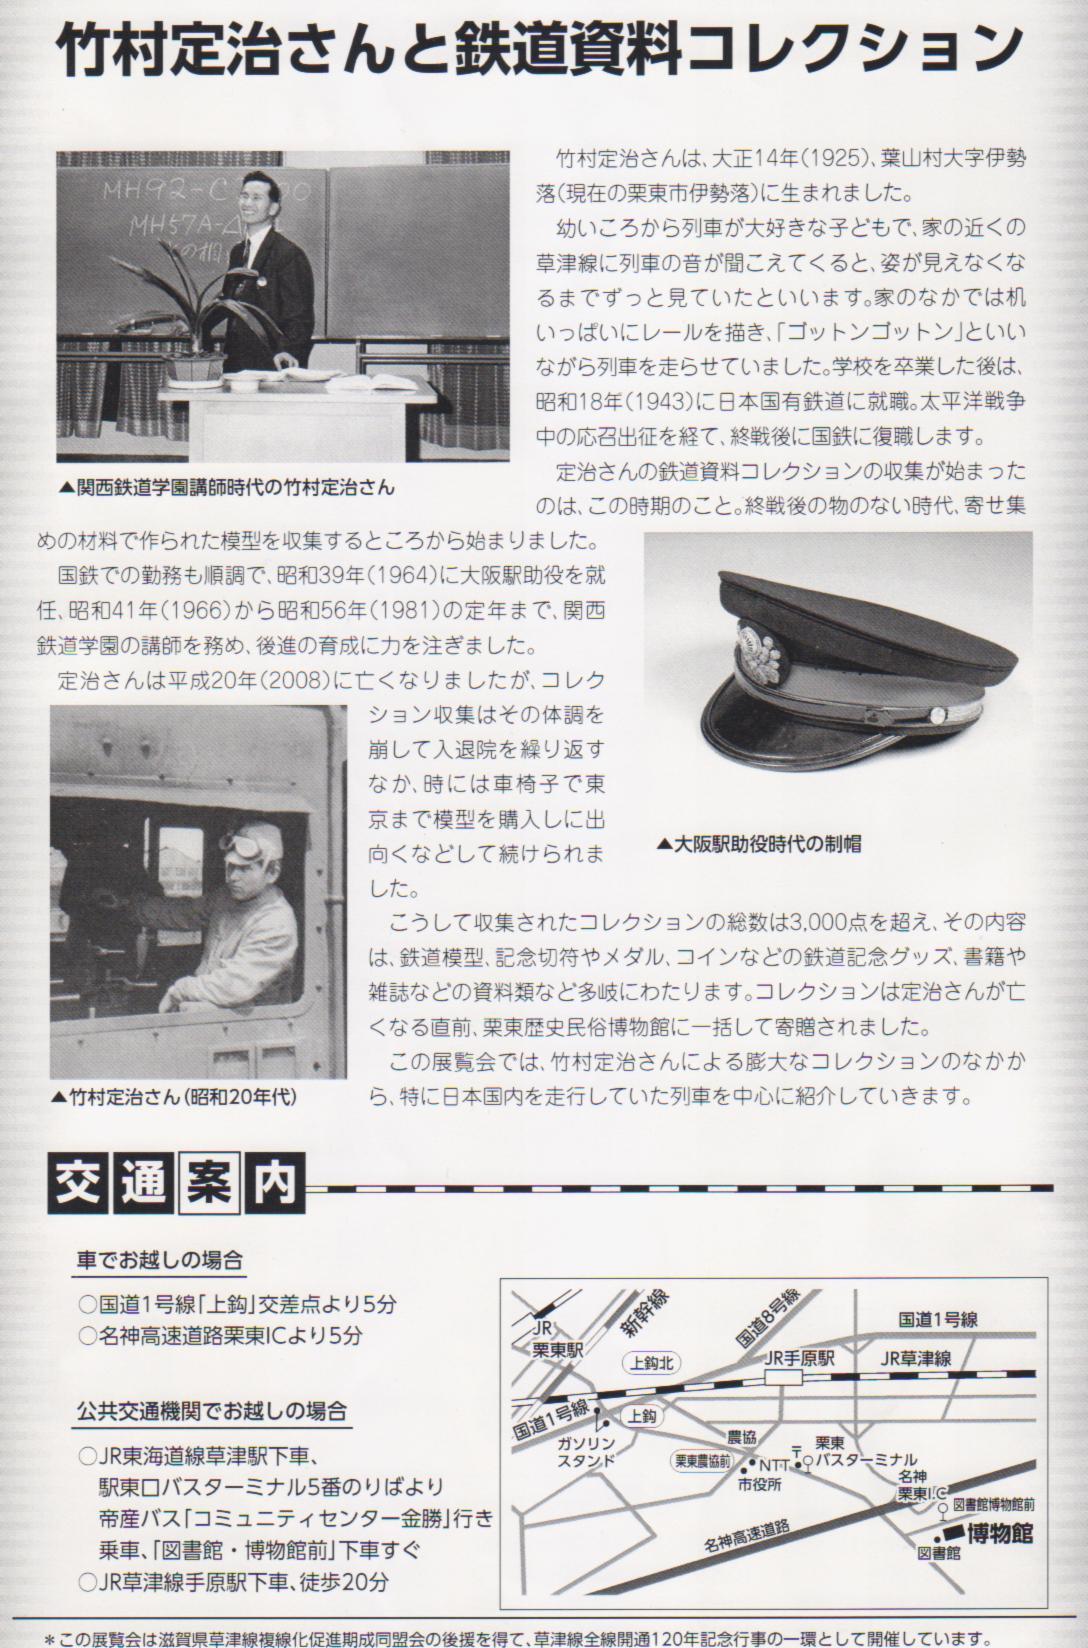 2010年9月 栗東歴史民俗博物館イベント 案内_a0066027_20461591.jpg